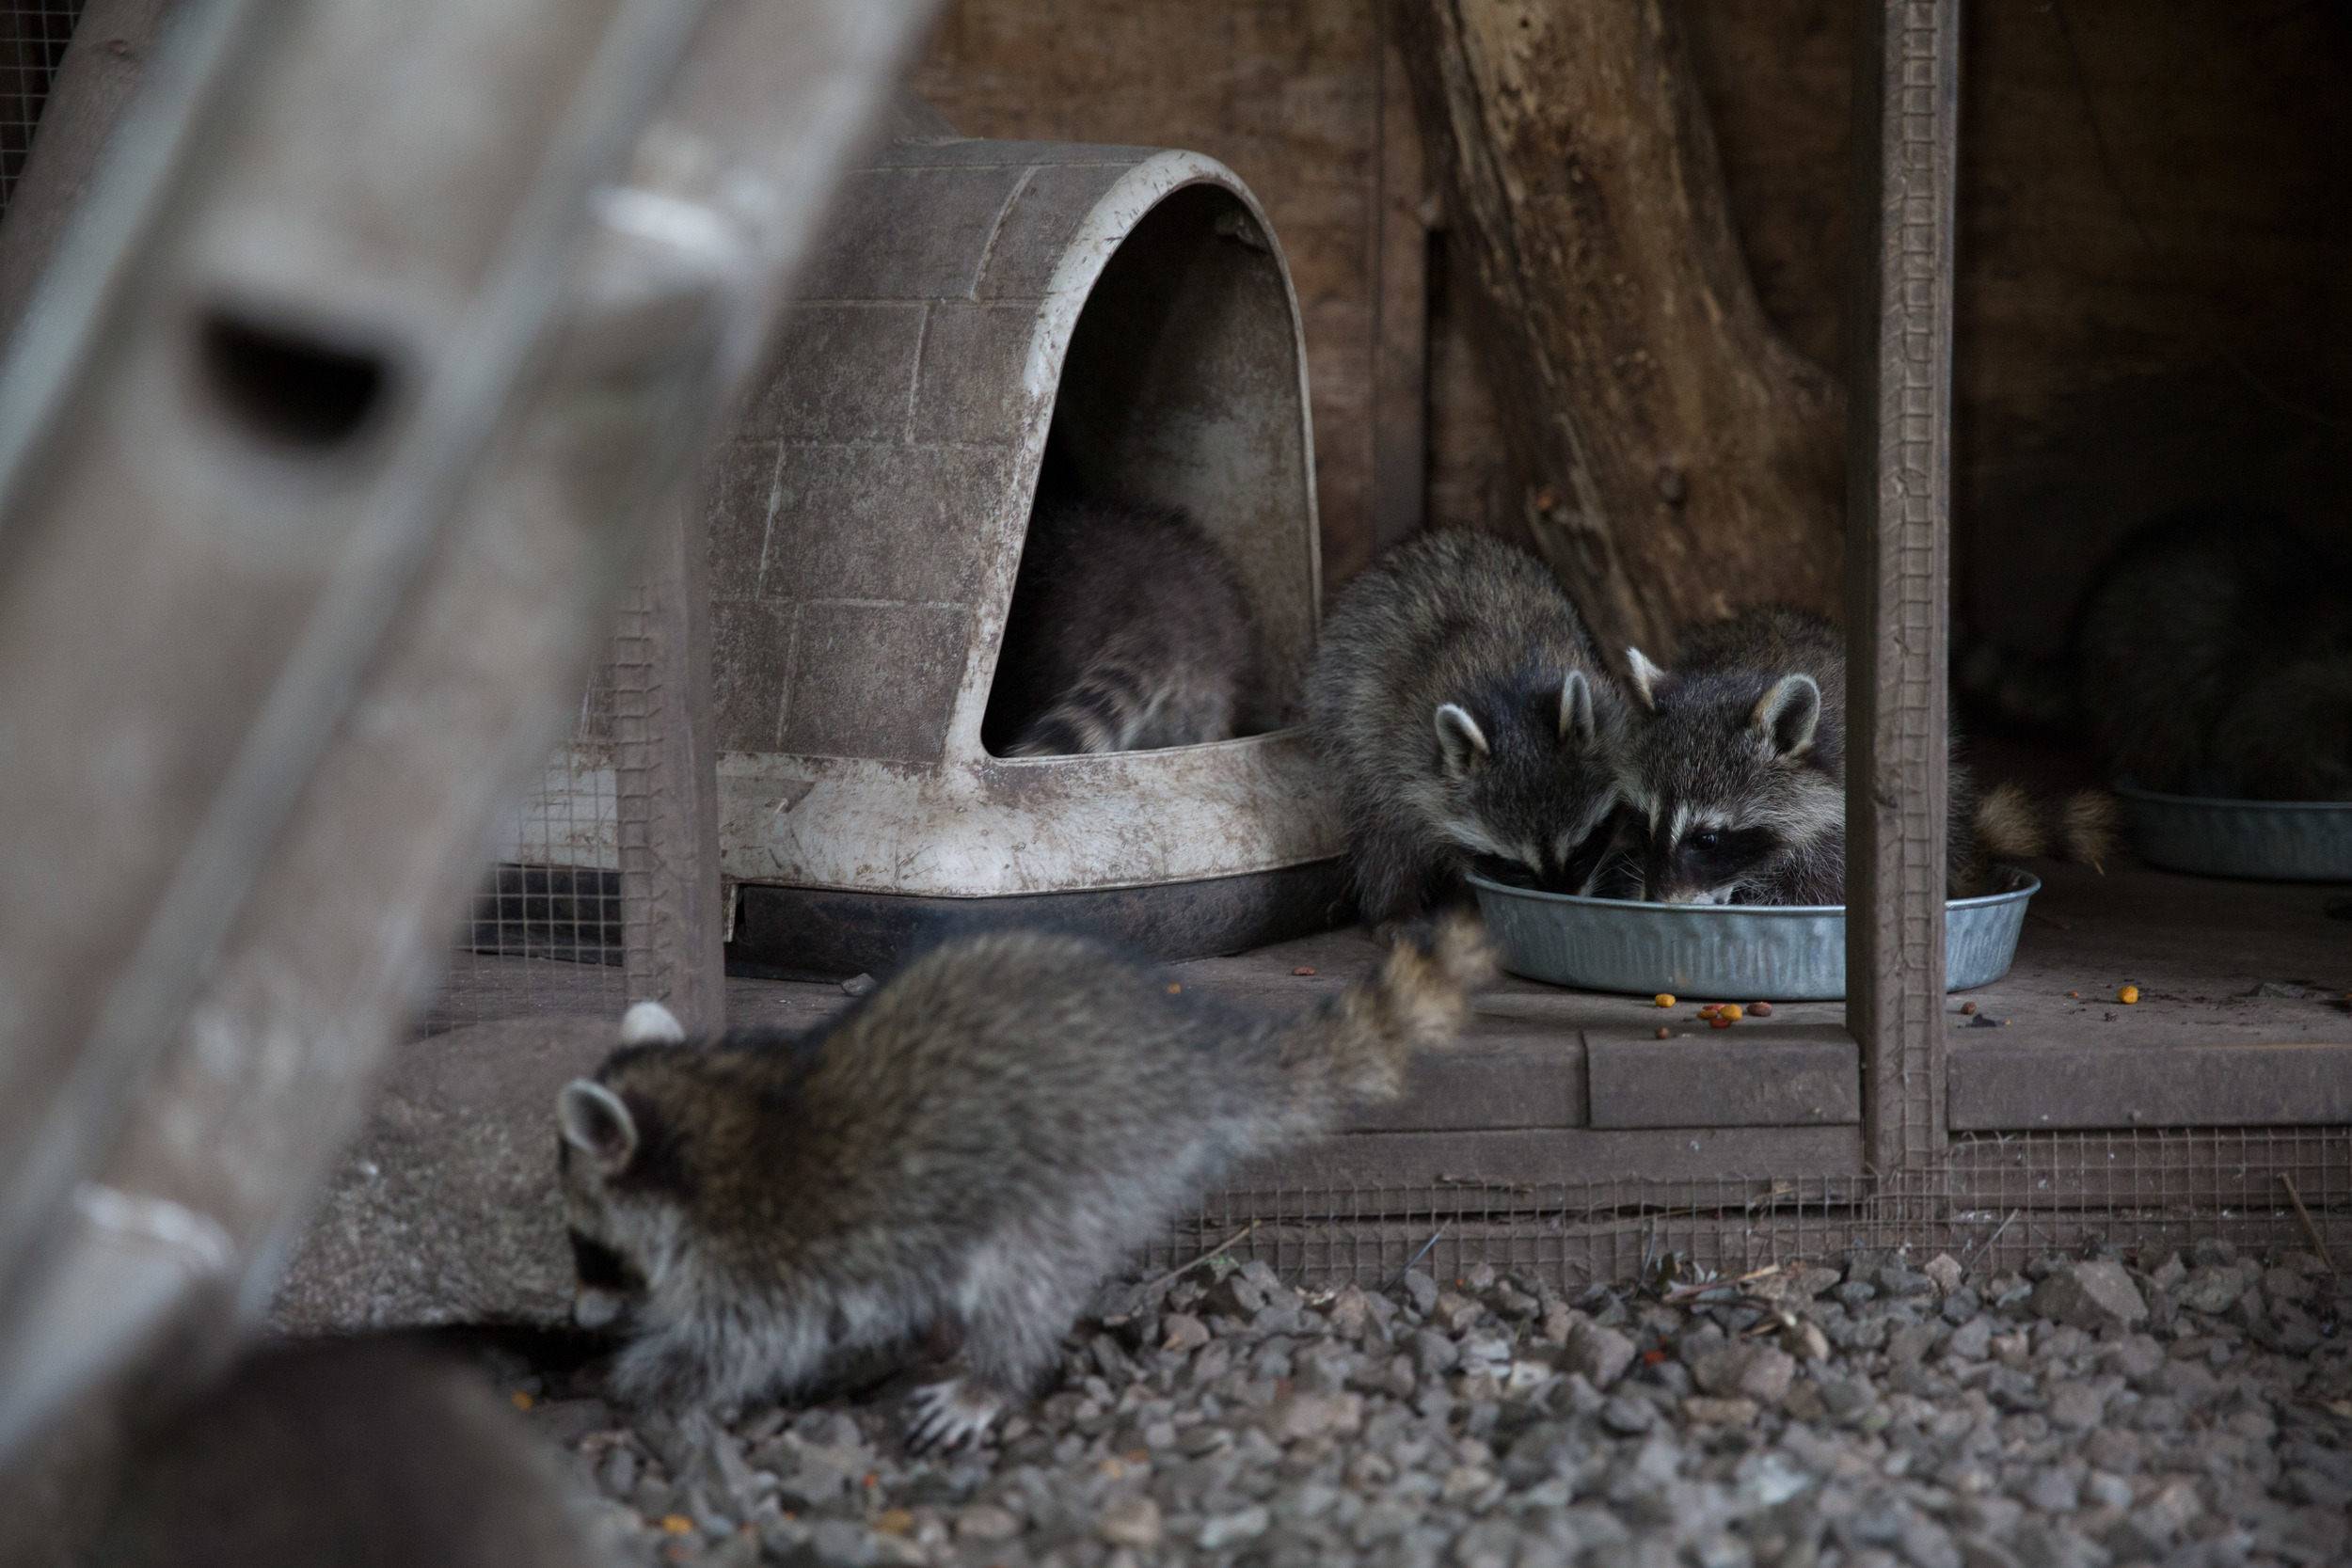 wildlife rehab07.jpg